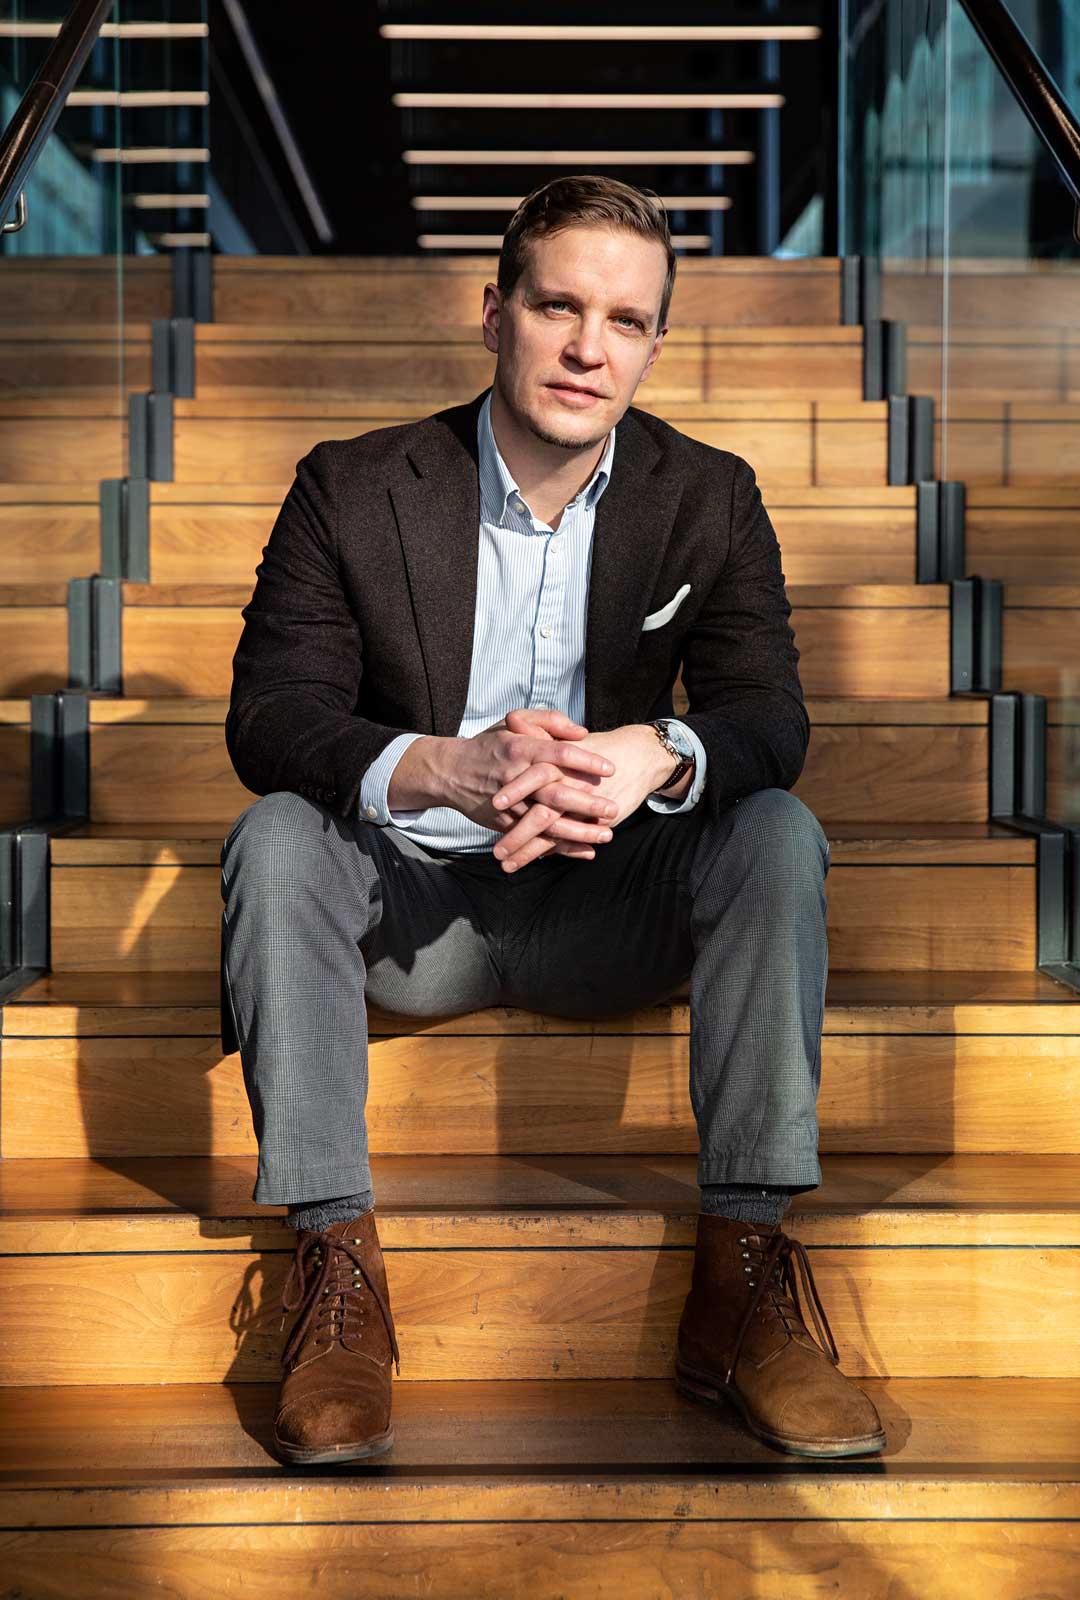 Joonas Konstig kirjoitti kirjan Ahneet ja viattomat, joka oli ehdolla Helsingin Sanomien kirjallisuuspalkinnon ja Tiiliskivi-palkinnon saajaksi. Esikoisromaani Kaikki on sanottu sai Gummeruksen Kalle Päätalo -palkinnon 2012.